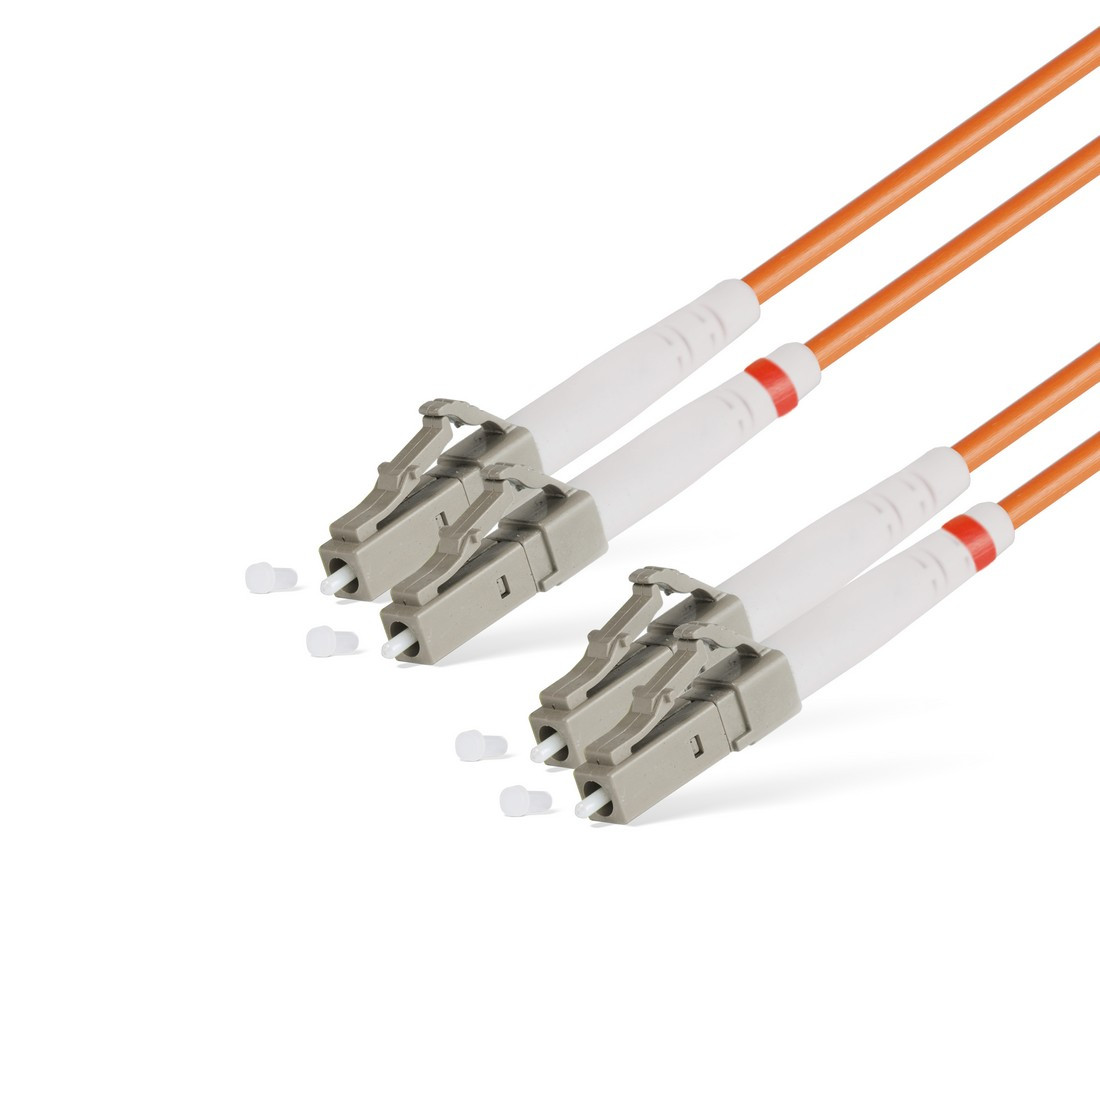 Патч Корд Оптоволоконный,, LC/UPC-LC/UPC MM OM2 50/125 Duplex 3.0мм, 3 м, Оранжевый, Пол. Пакет